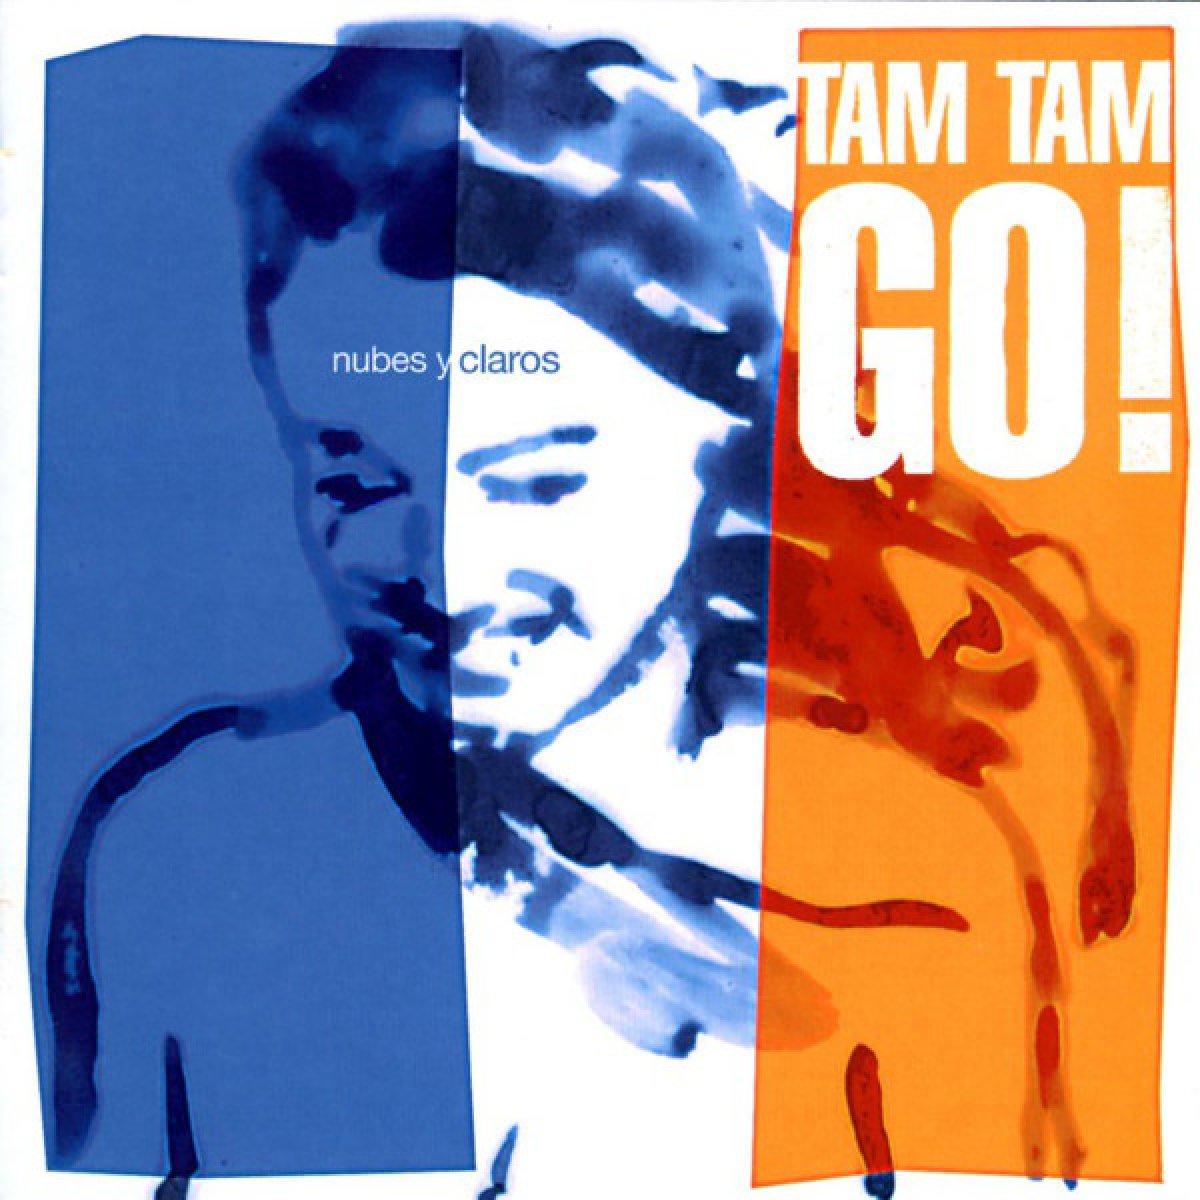 Atrapados en la red - Tam Tam Go!